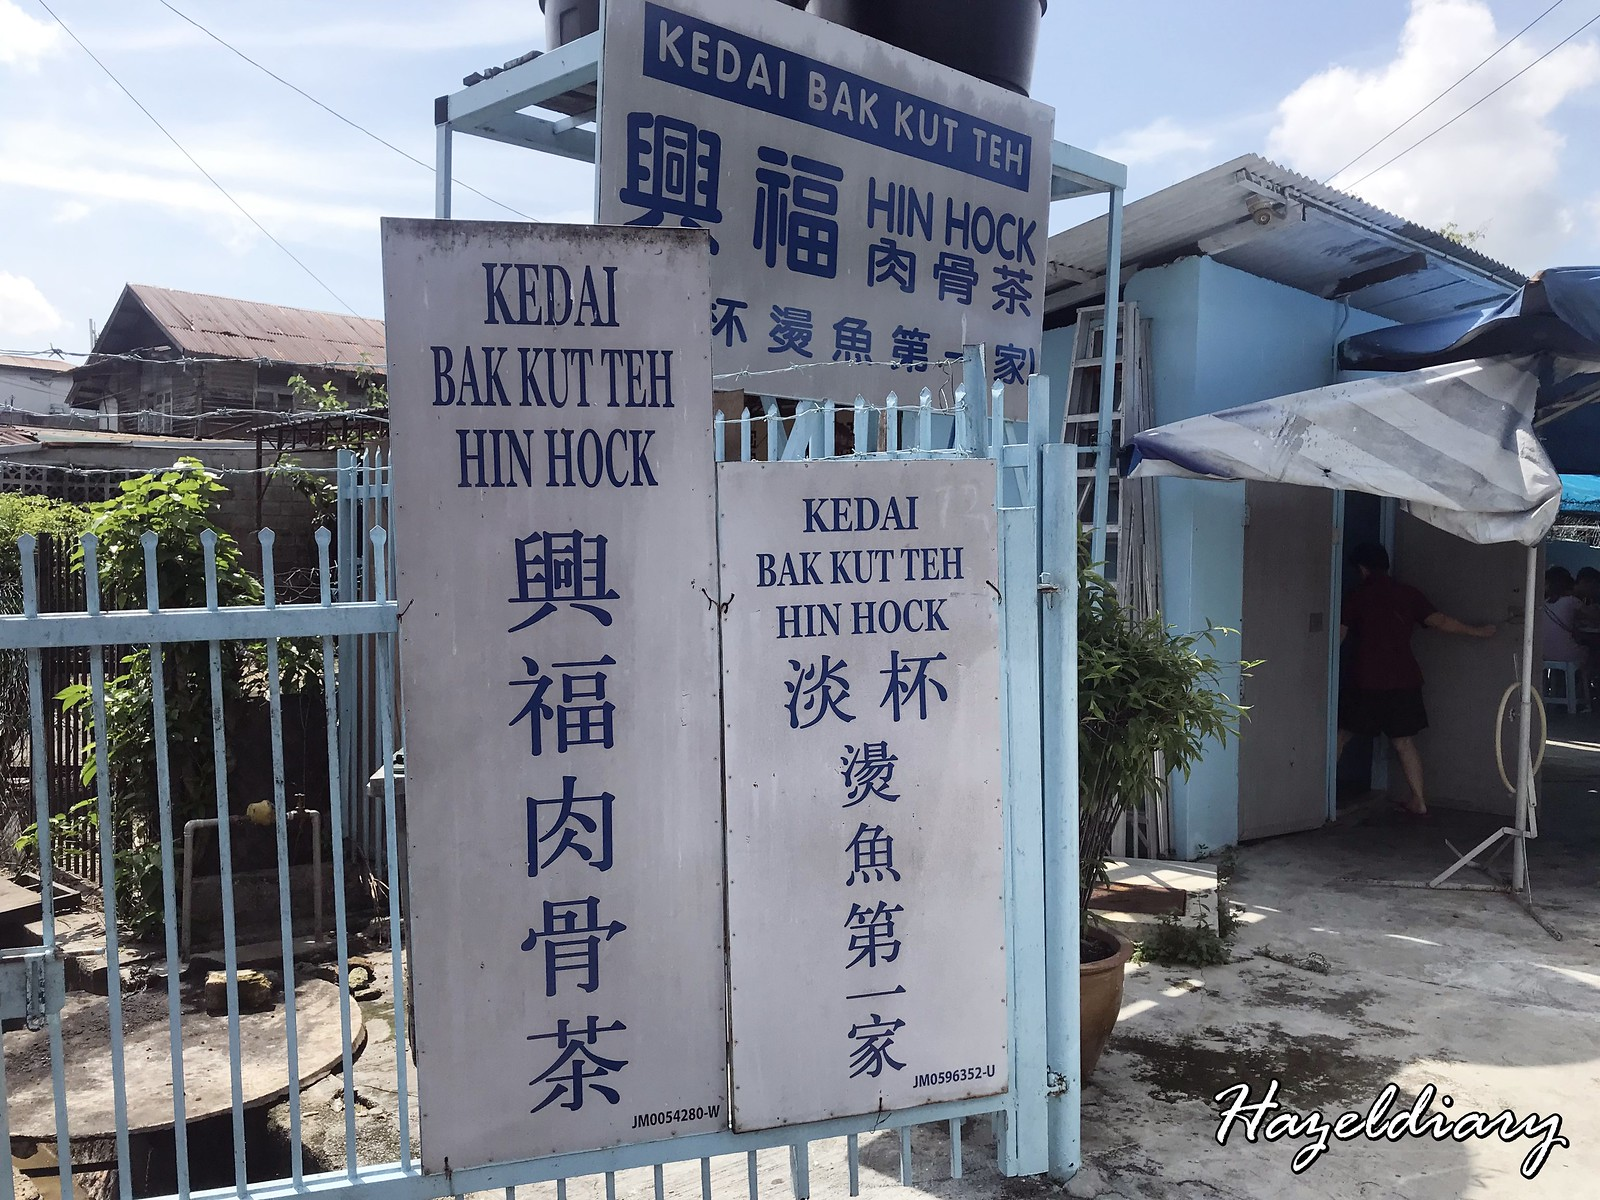 Kedai Bak Kut Teh Hin Hock-Bak Kut Teh-5